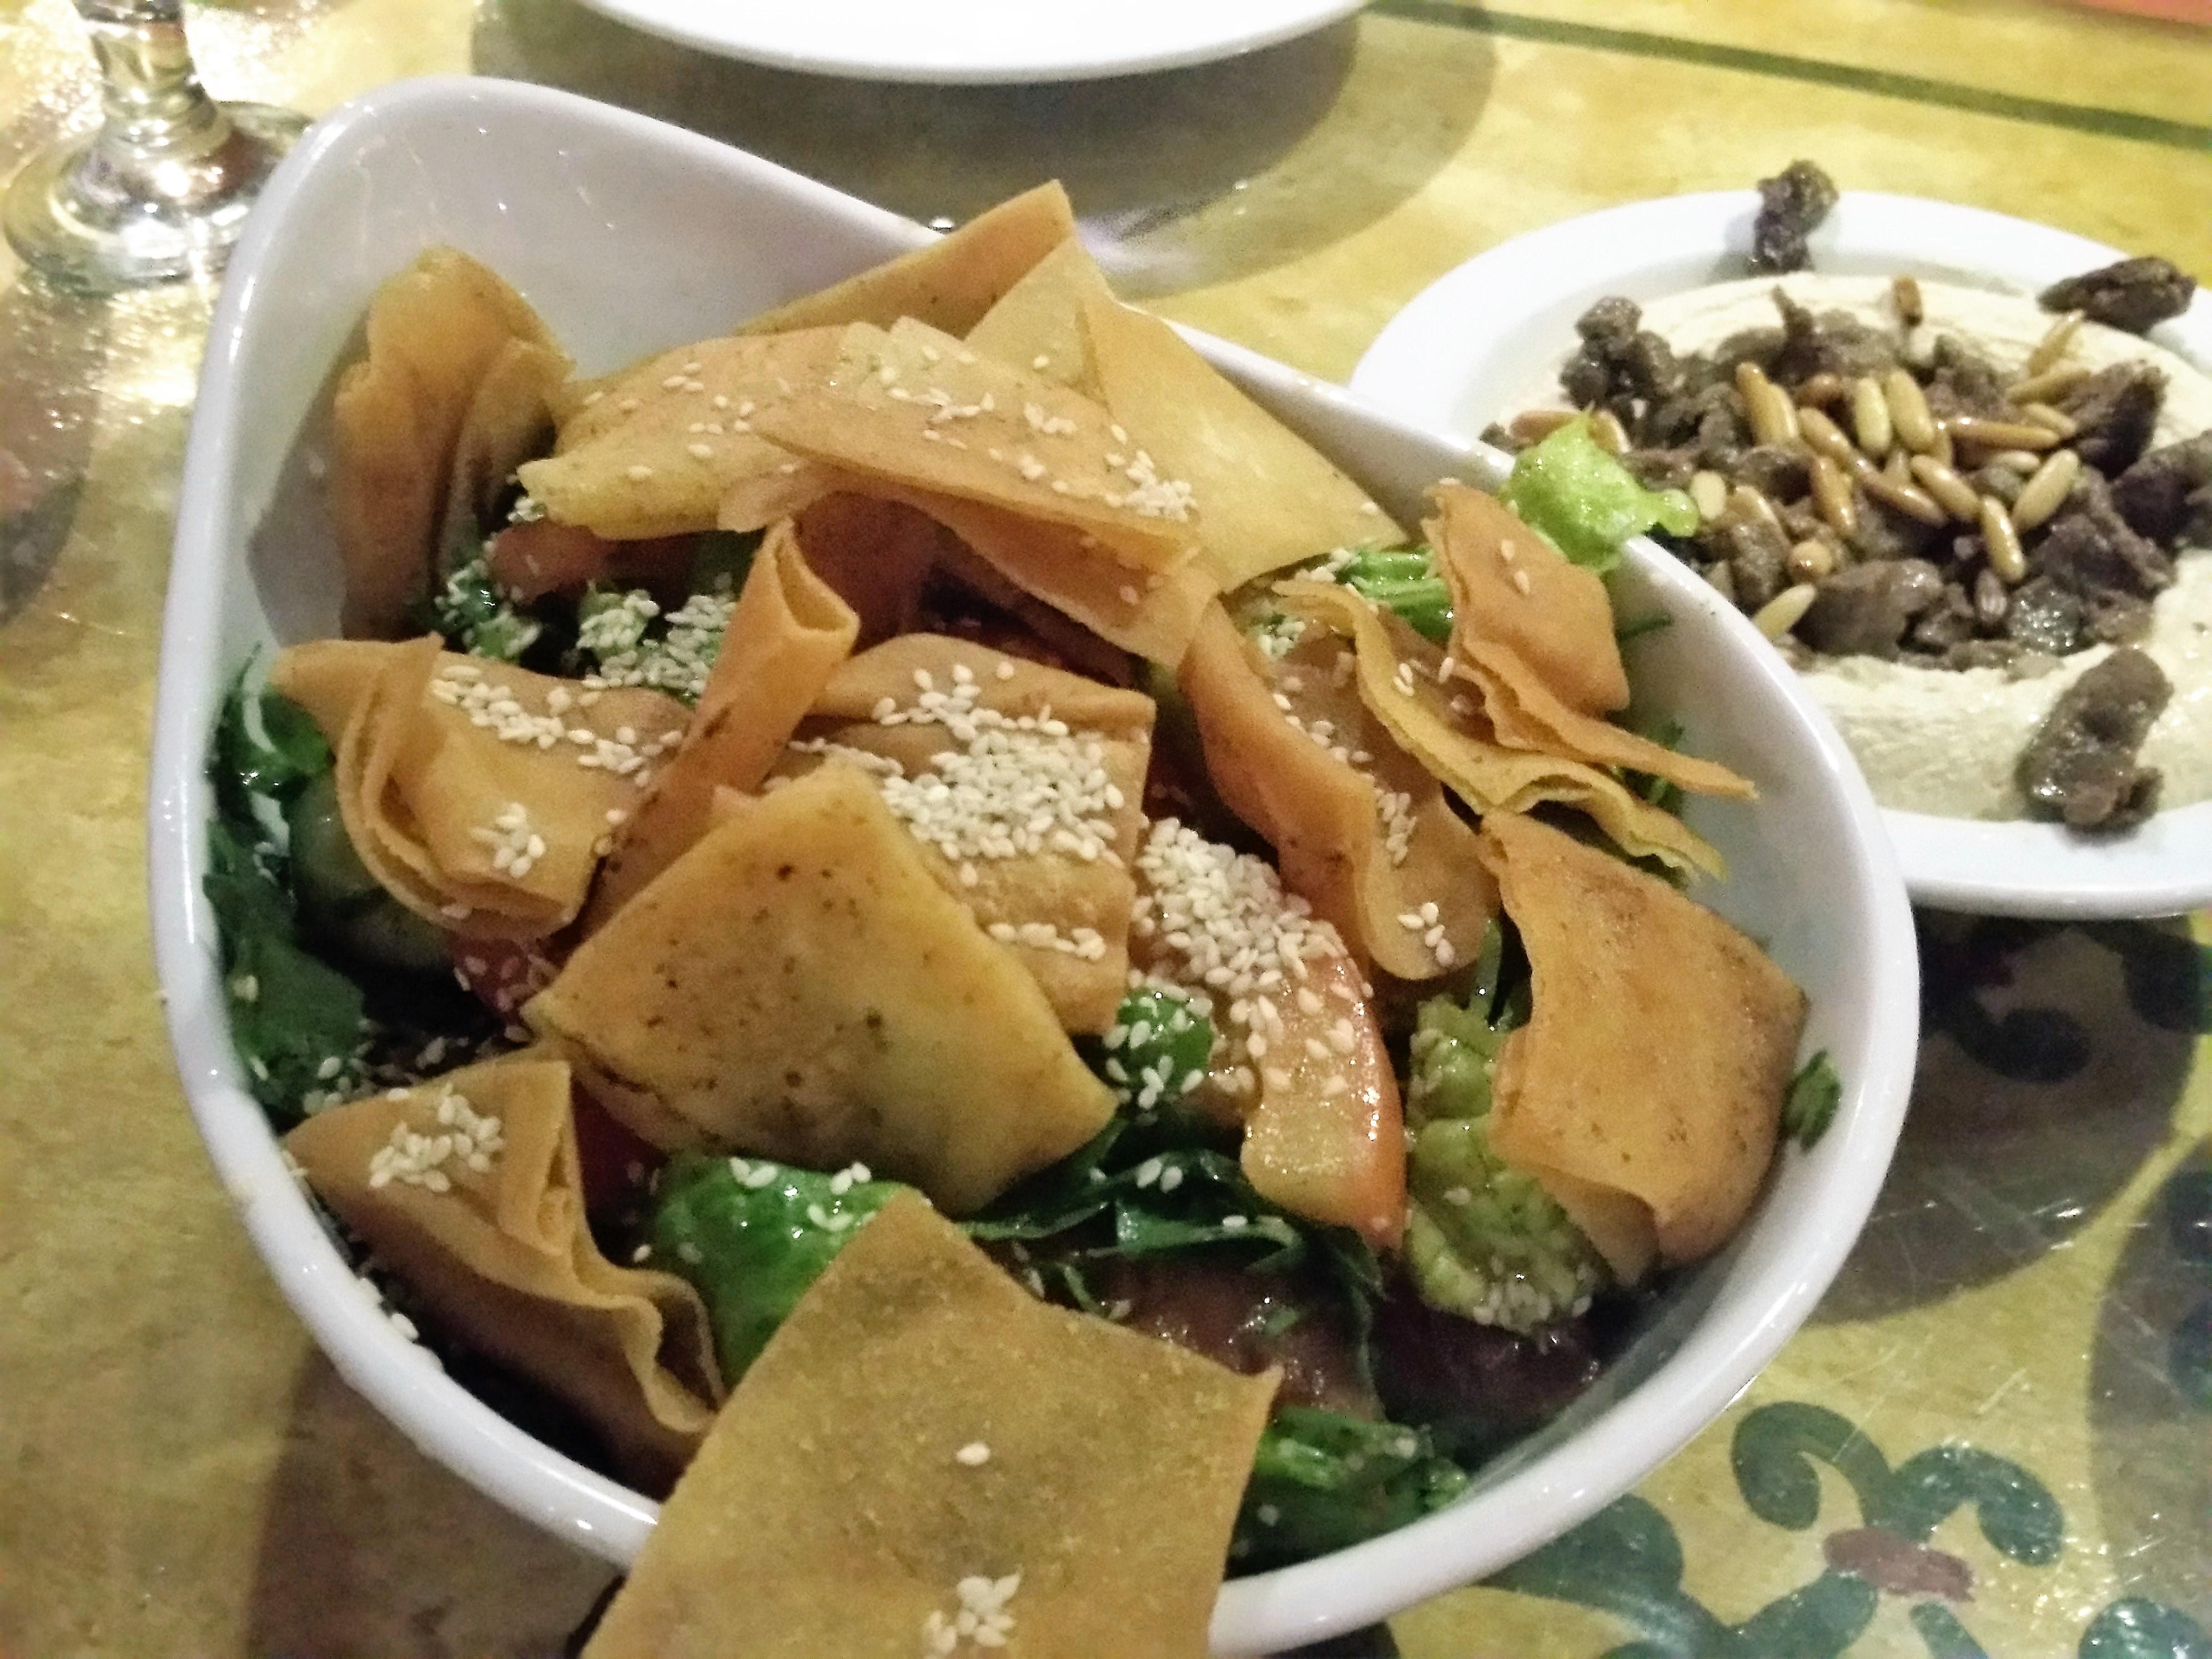 Taboula Lebanese salad